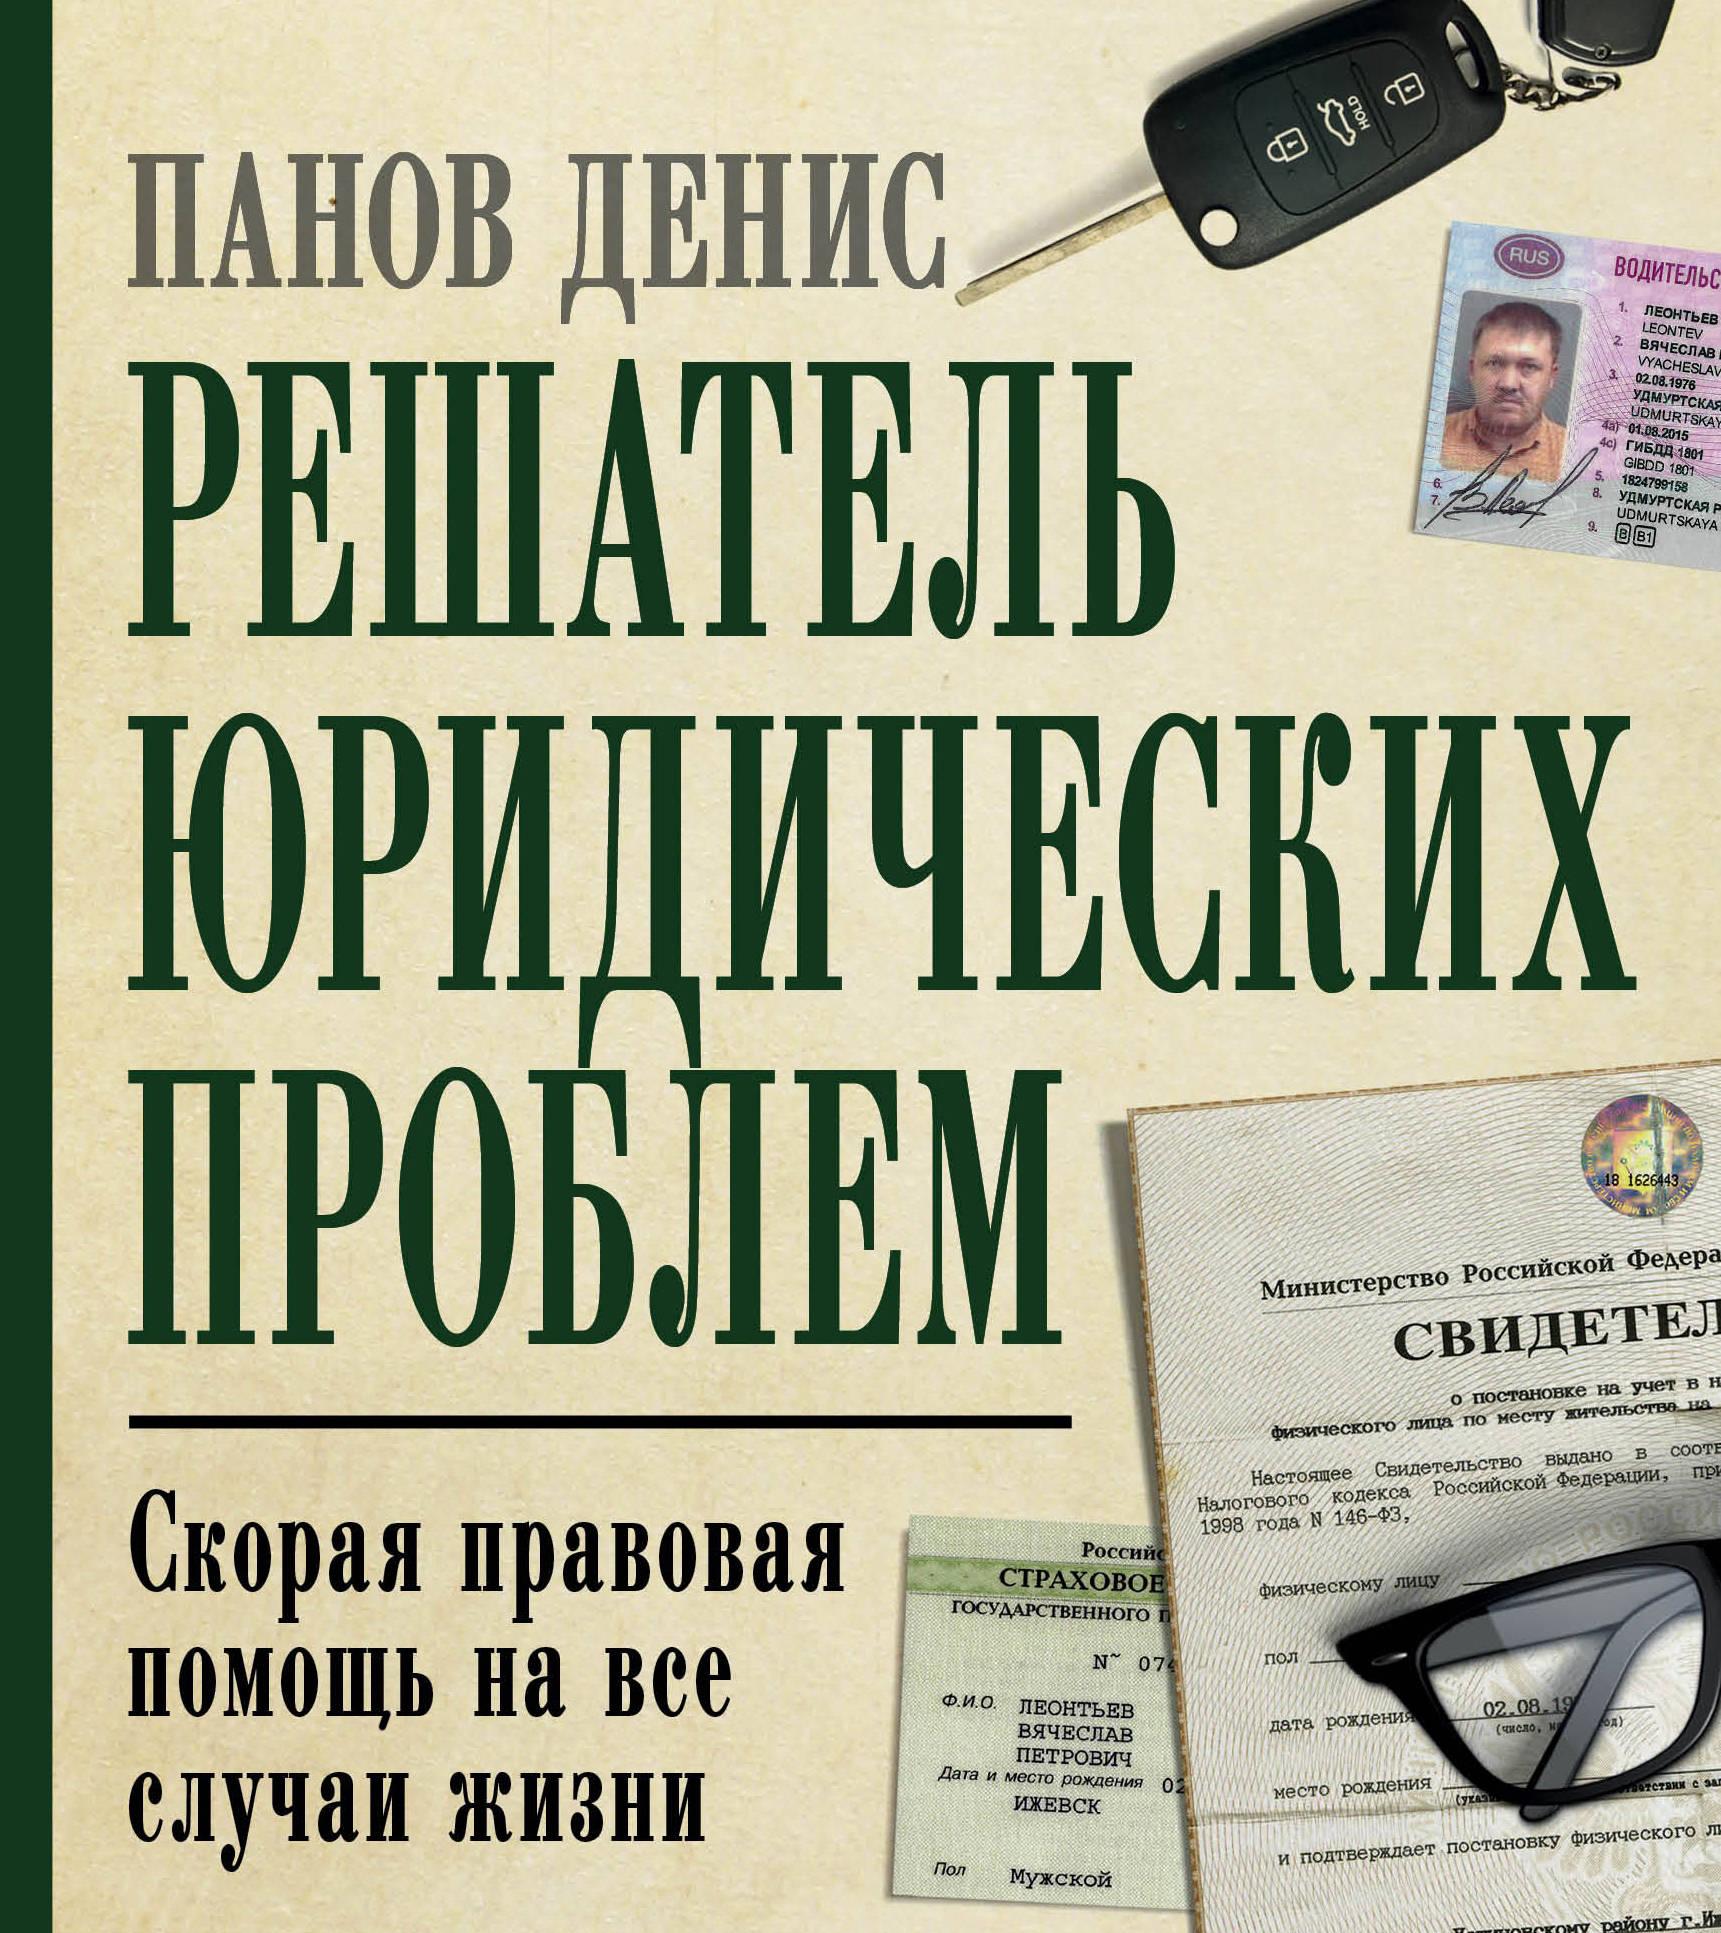 Денис Панов Решатель юридических проблем. Скорая правовая помощь на все случаи жизни